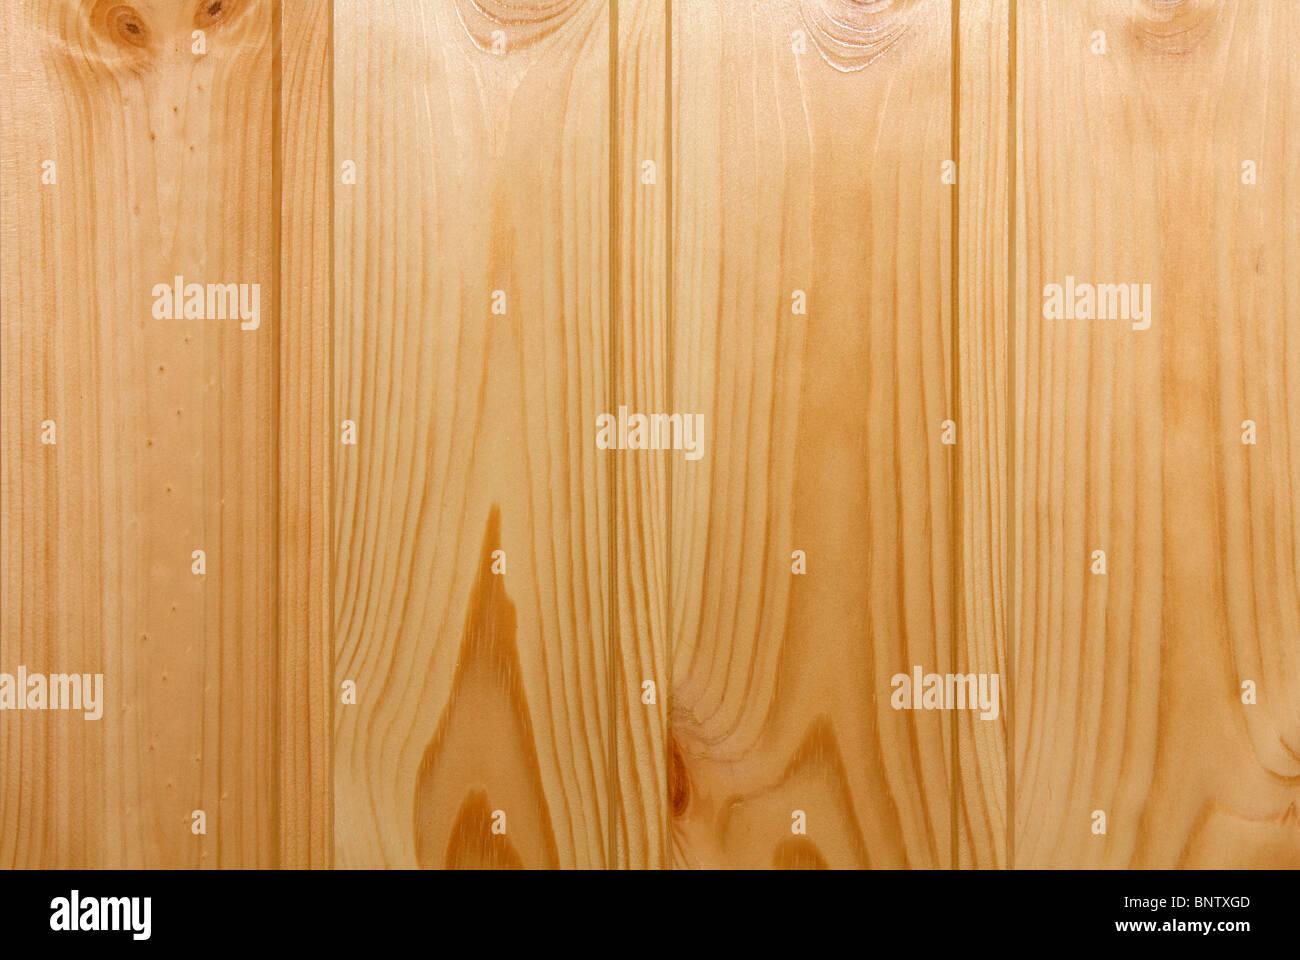 Leuchtende Dekoration Bretter mit Klarlack überzogen Stockbild